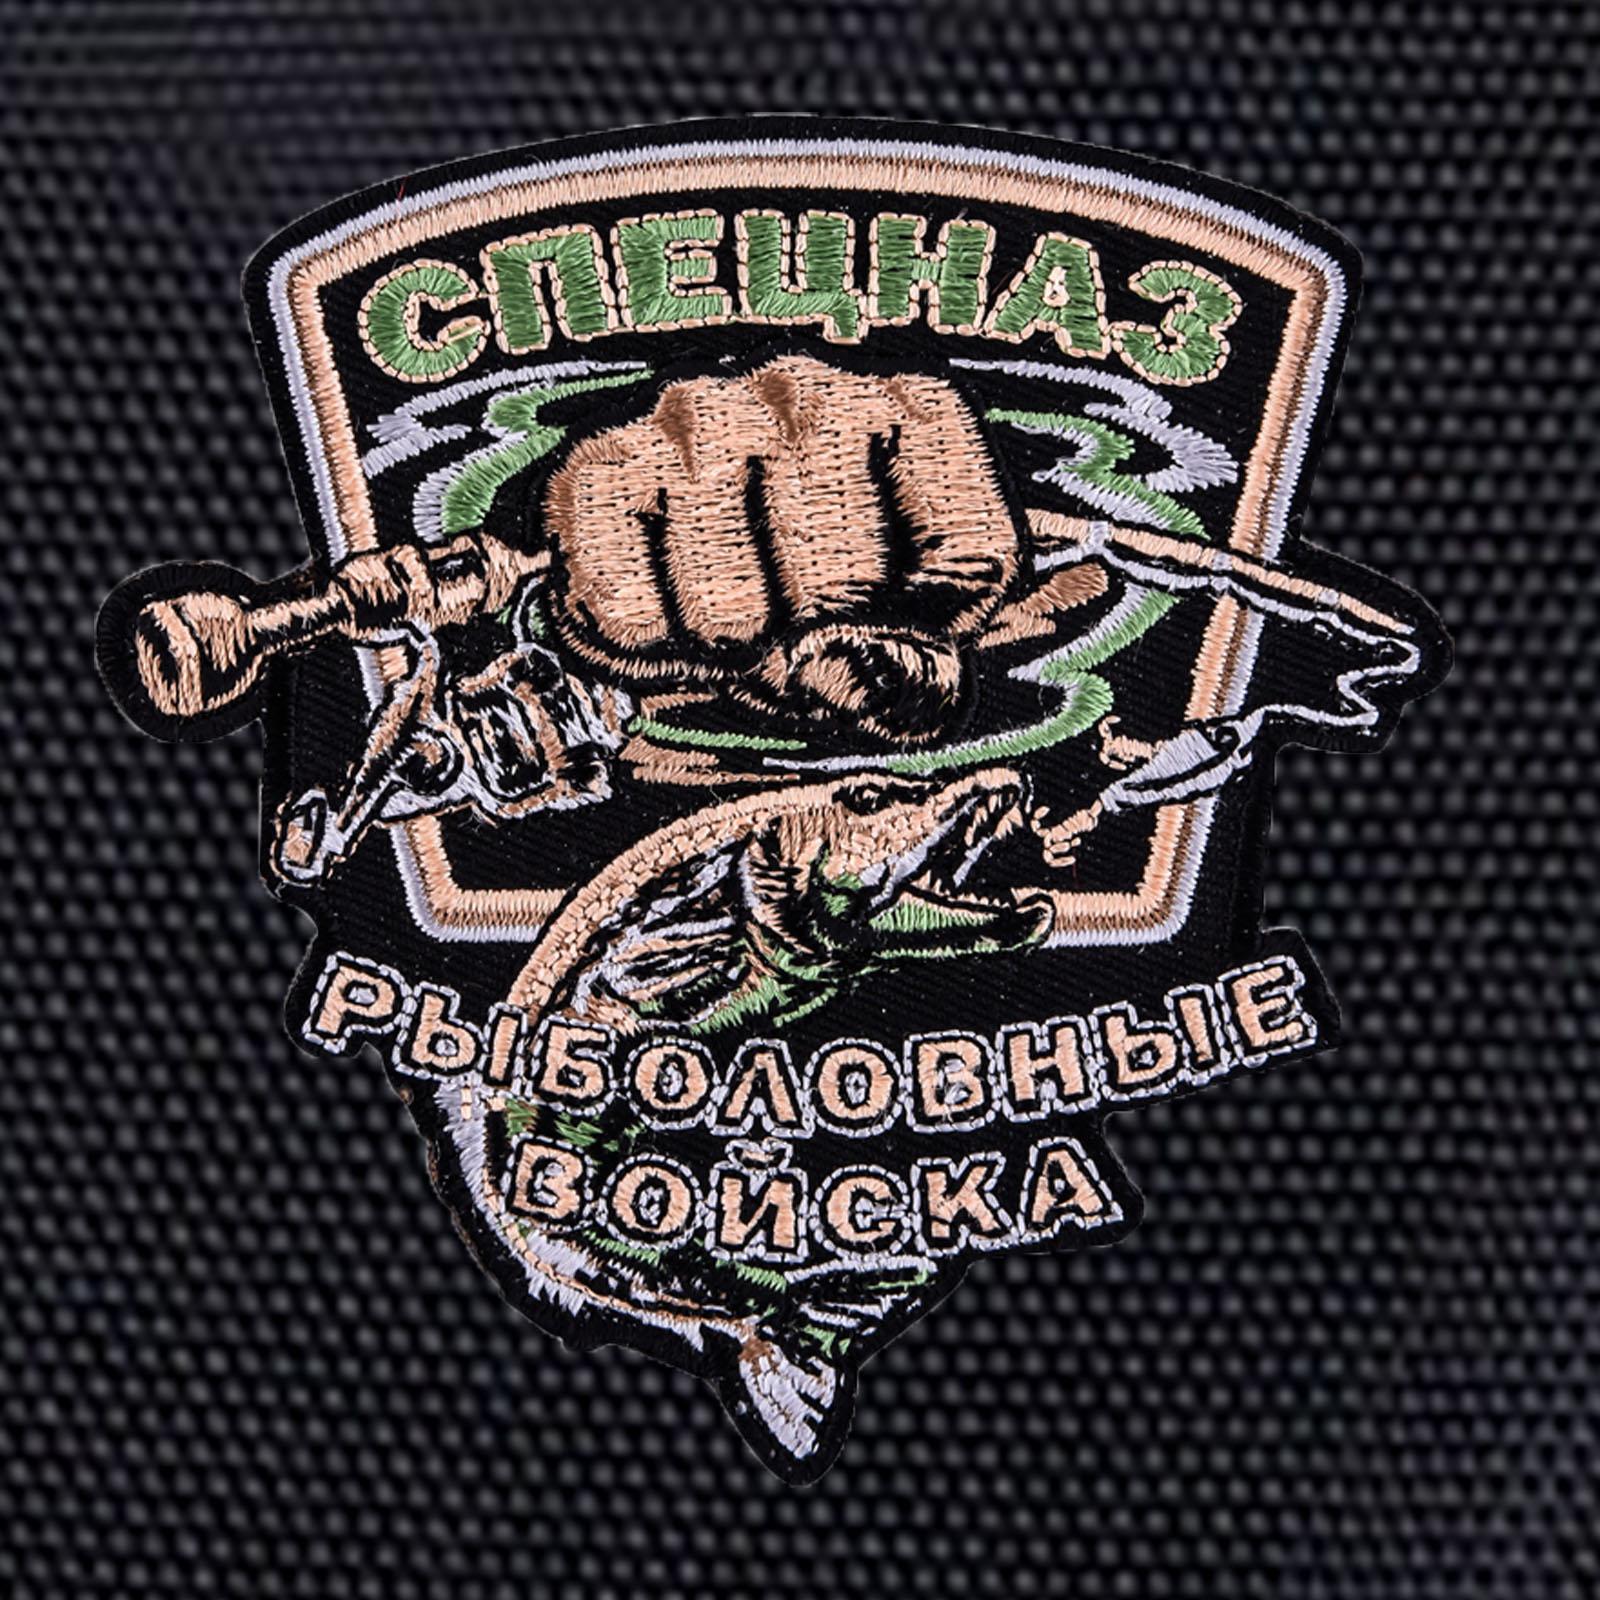 Практичный черный рюкзак с эмблемой Рыболовный Спецназ